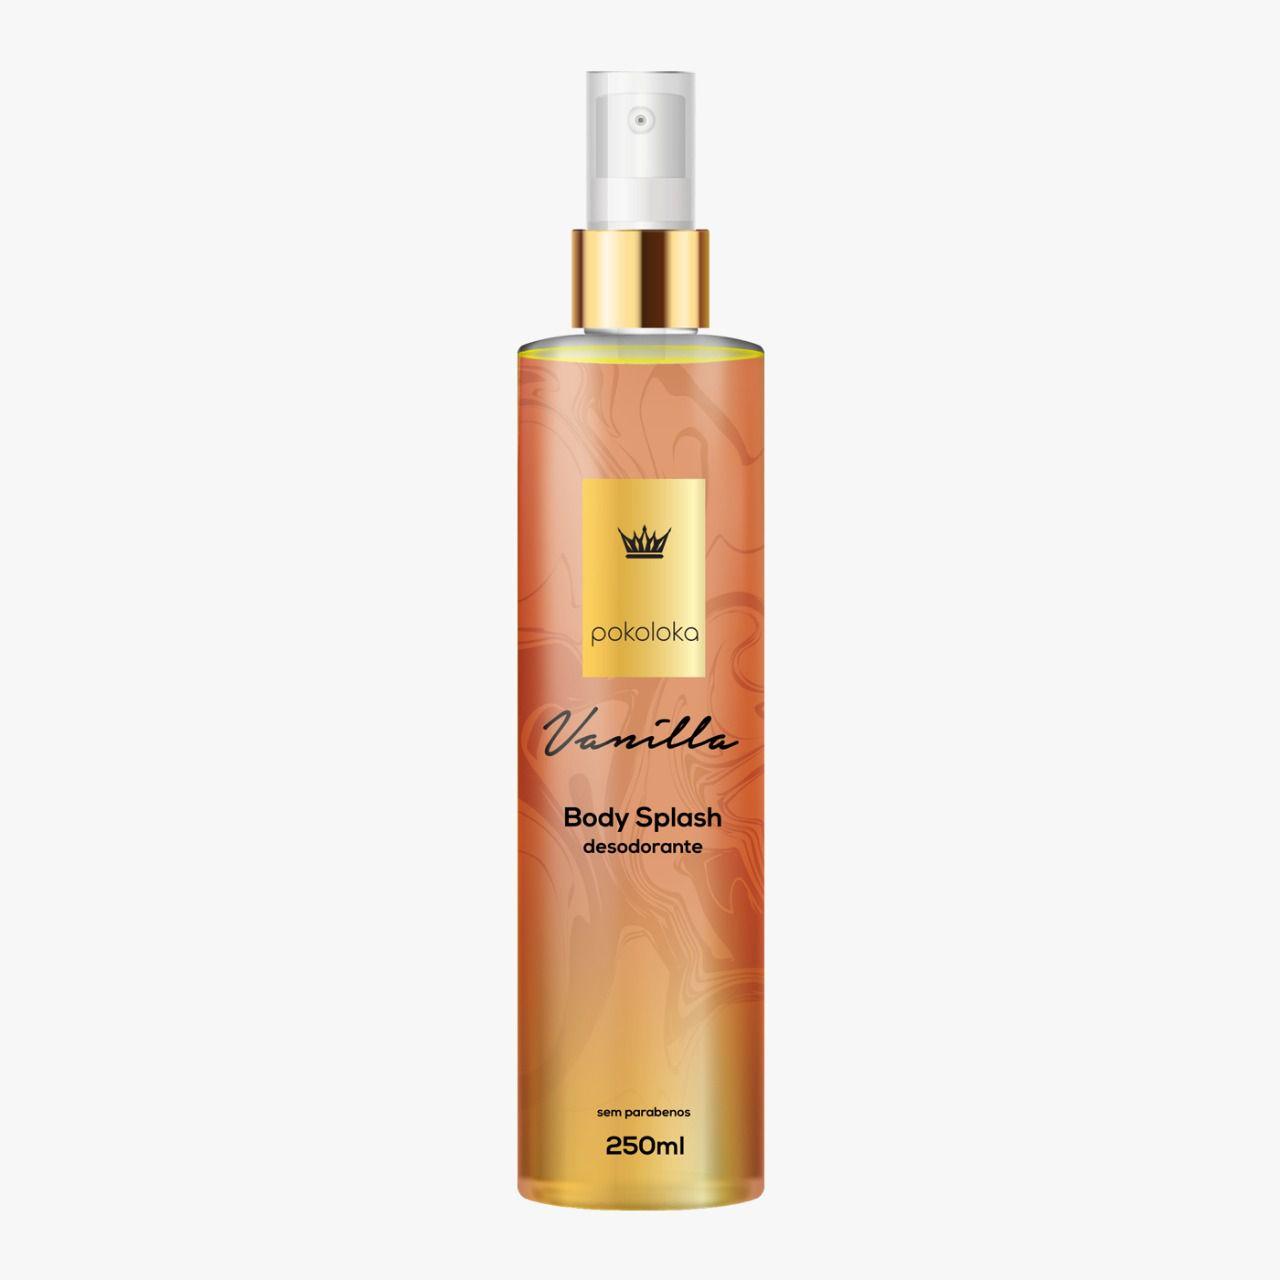 Body Splash Perfumado Vanilla Pokaloka 250ml